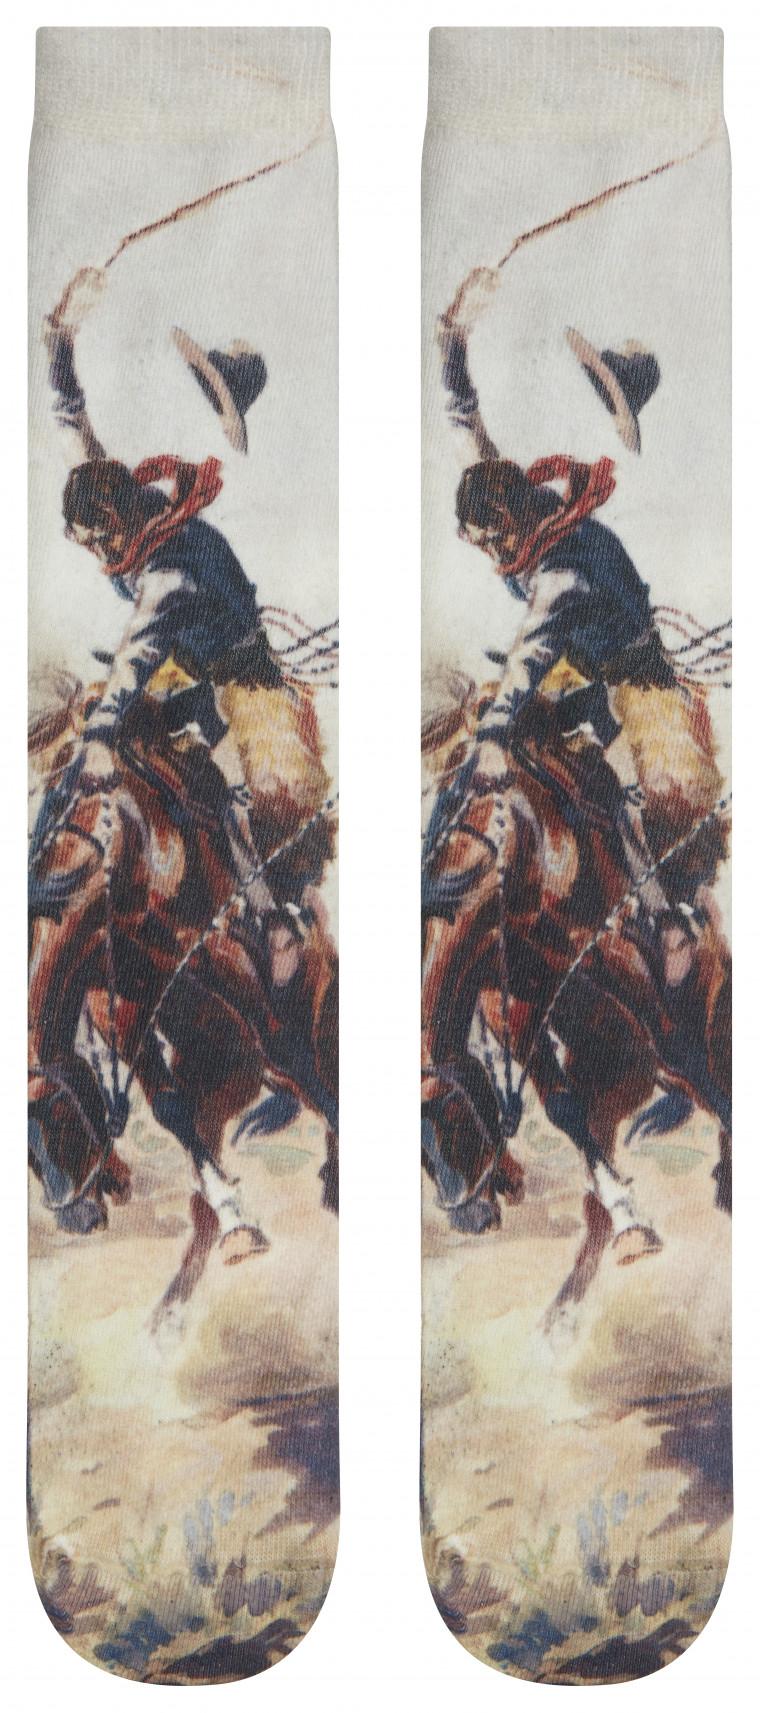 ASOS AW18 strumpor cowboy